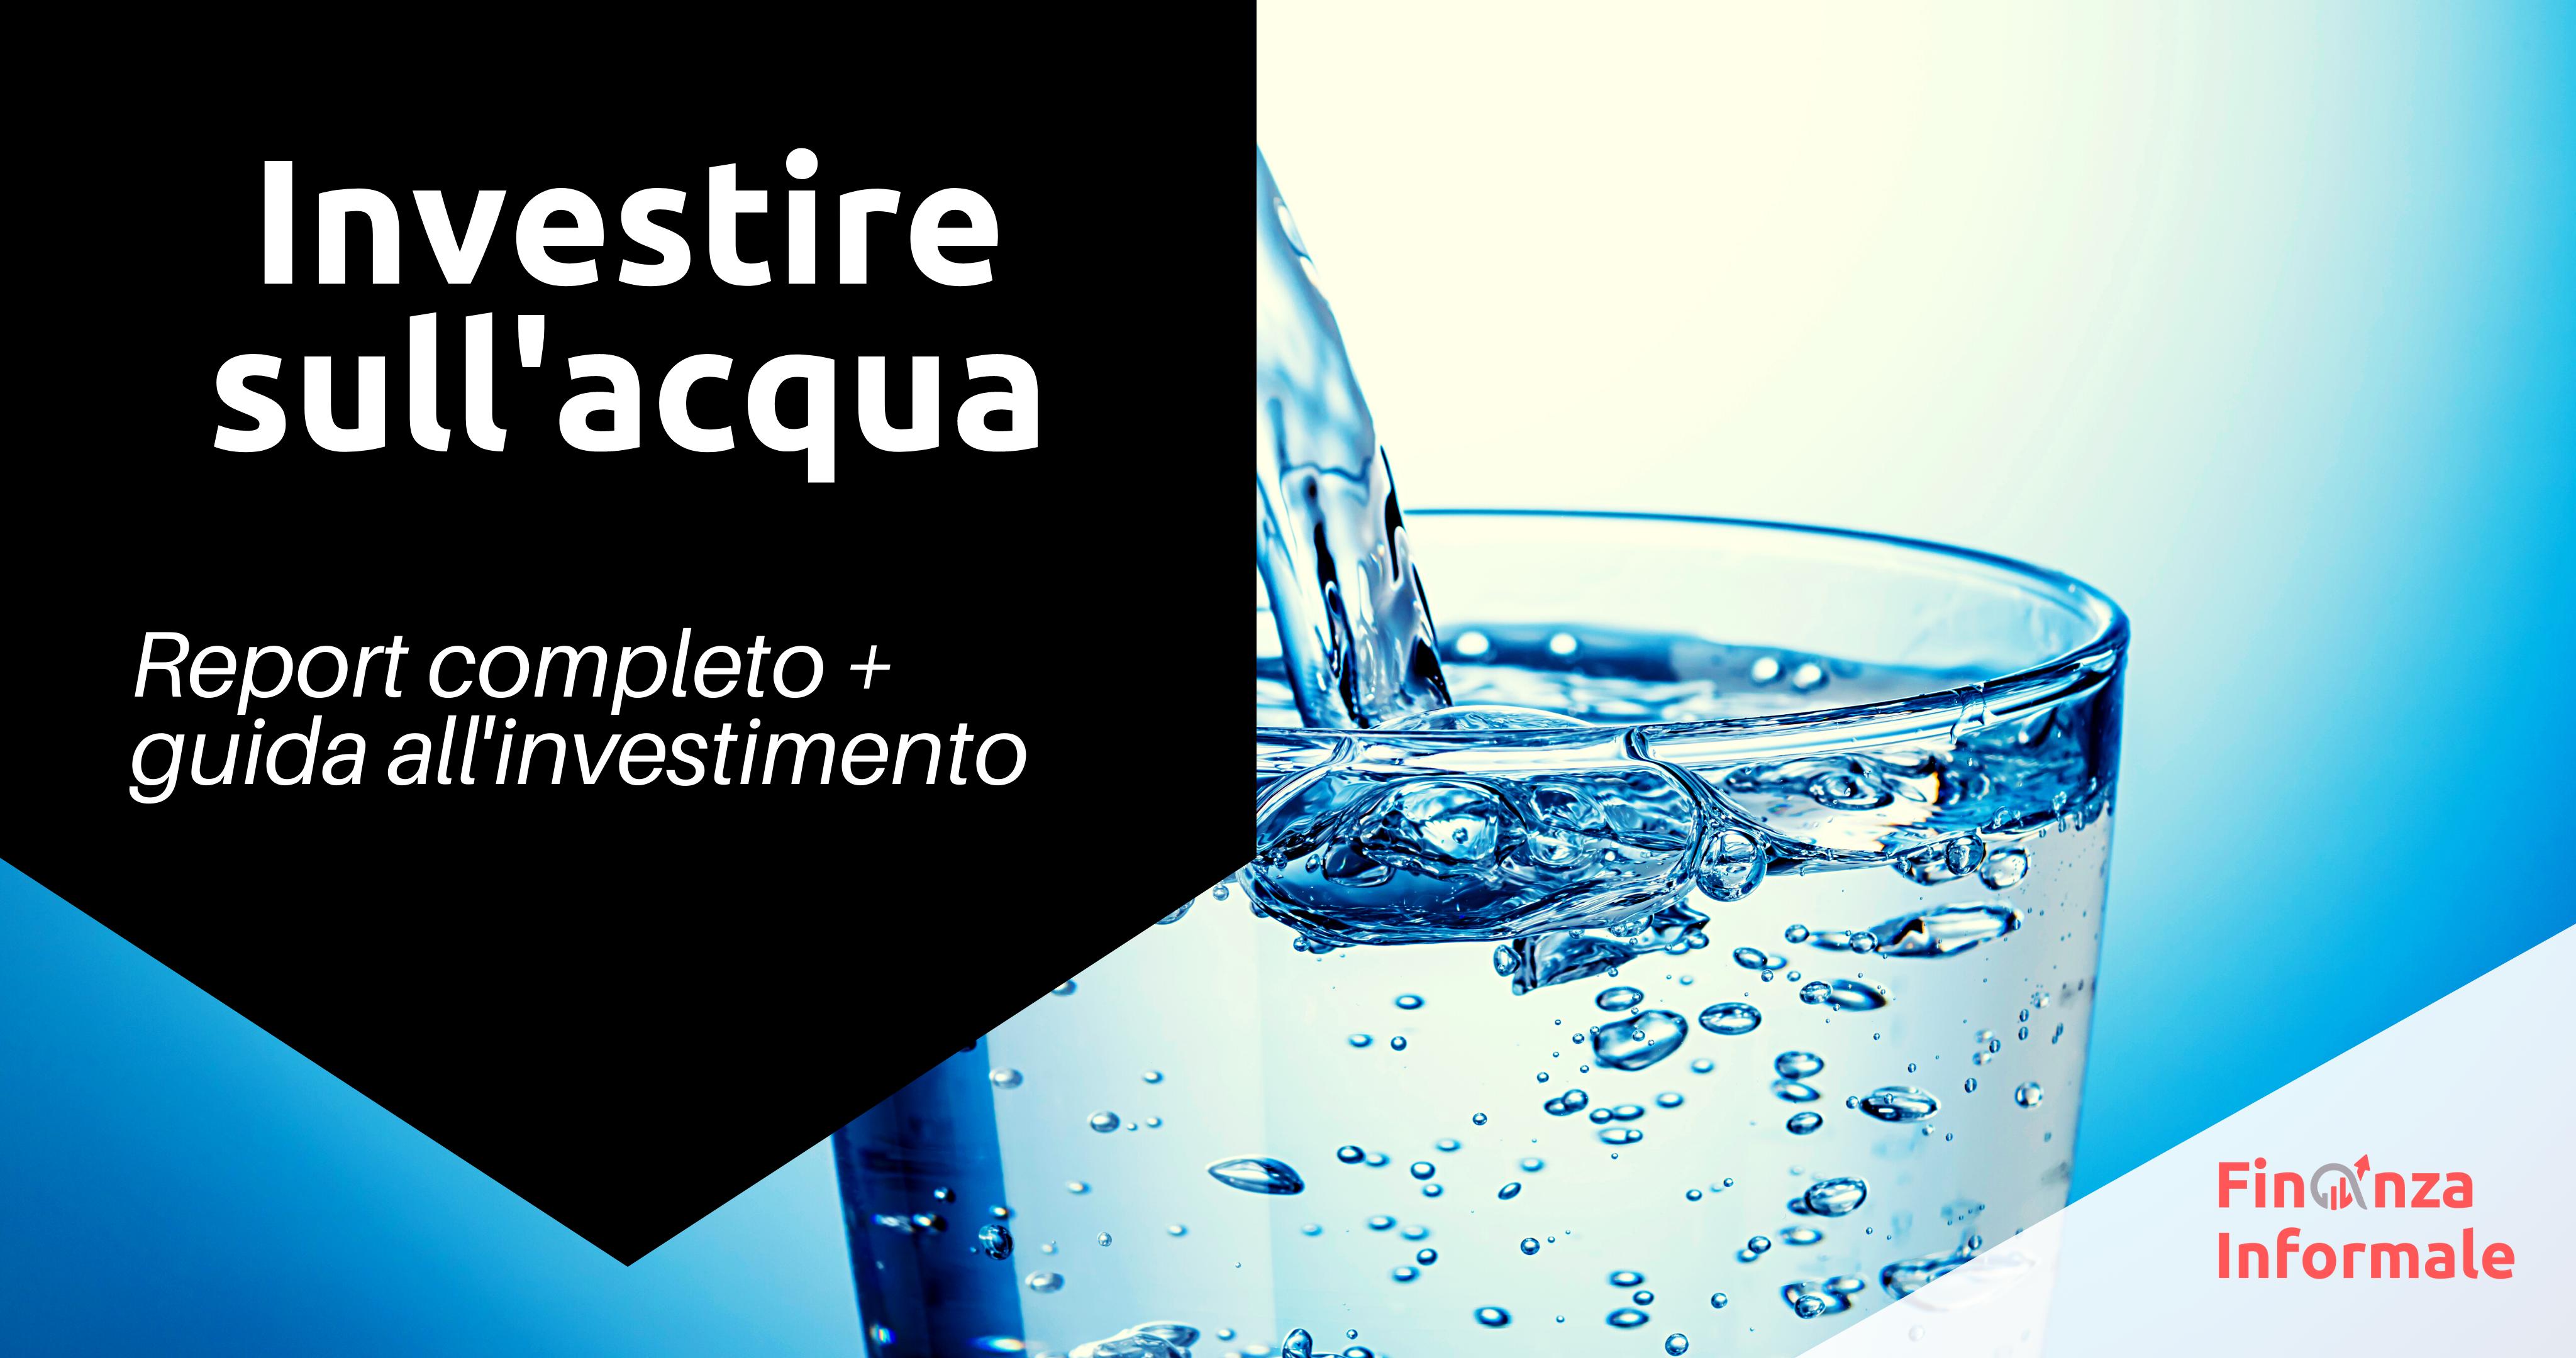 investire nell acqua cover